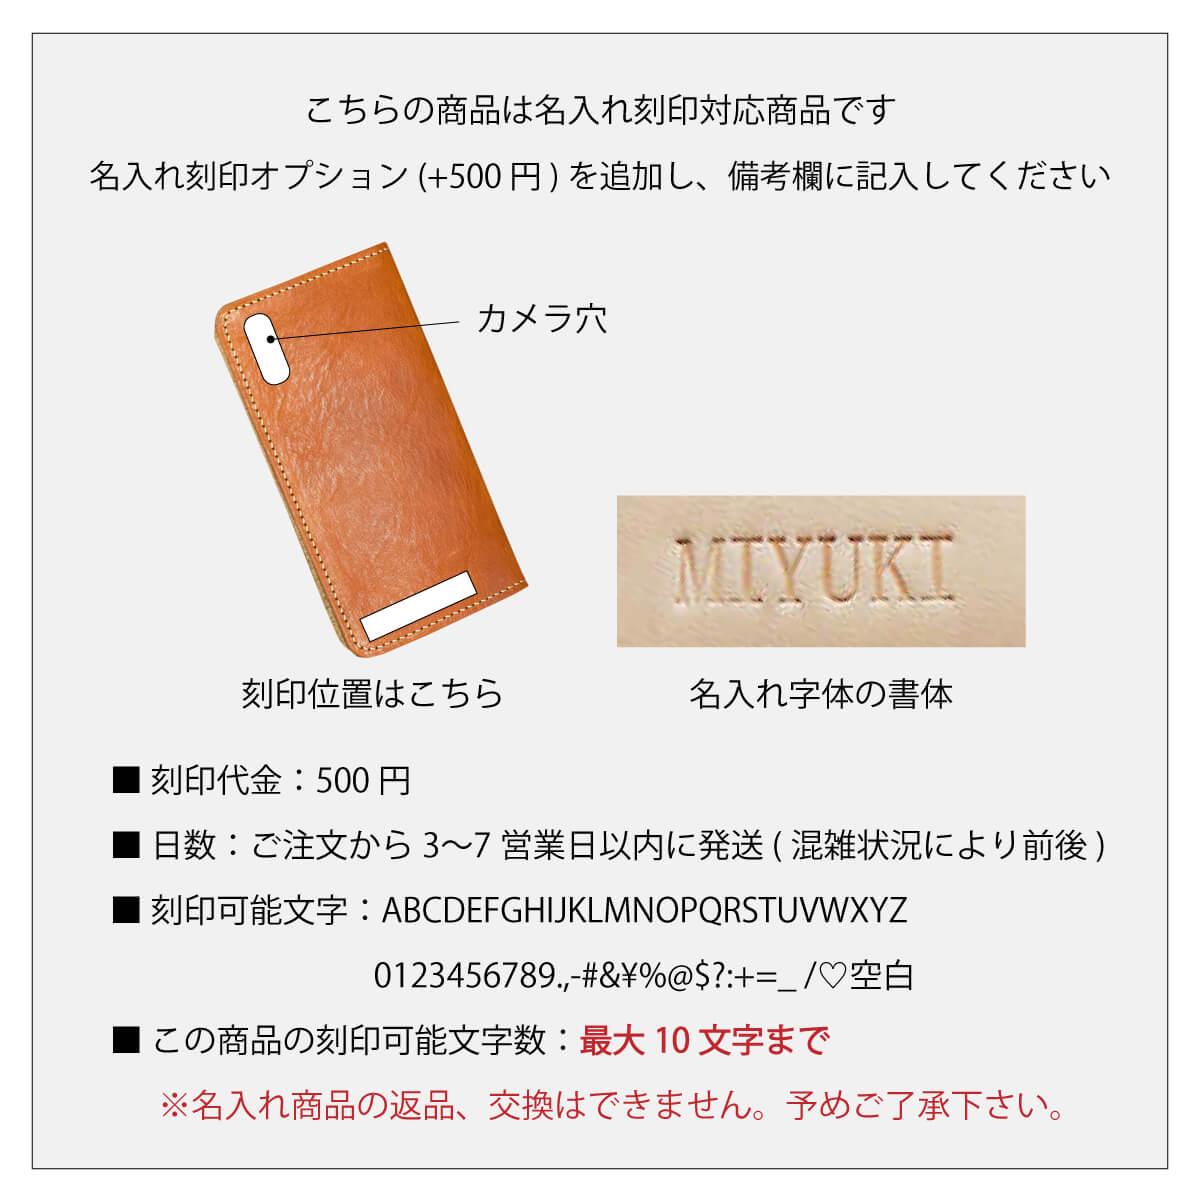 栃木レザー スマホケース Choco フラップ付き iPhone Android 最新機種対応 【名入れ可】